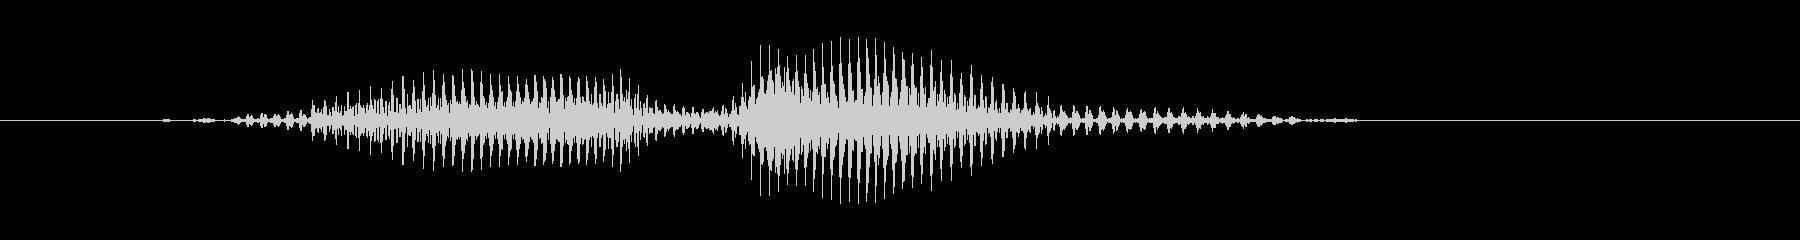 ノーゲームの未再生の波形